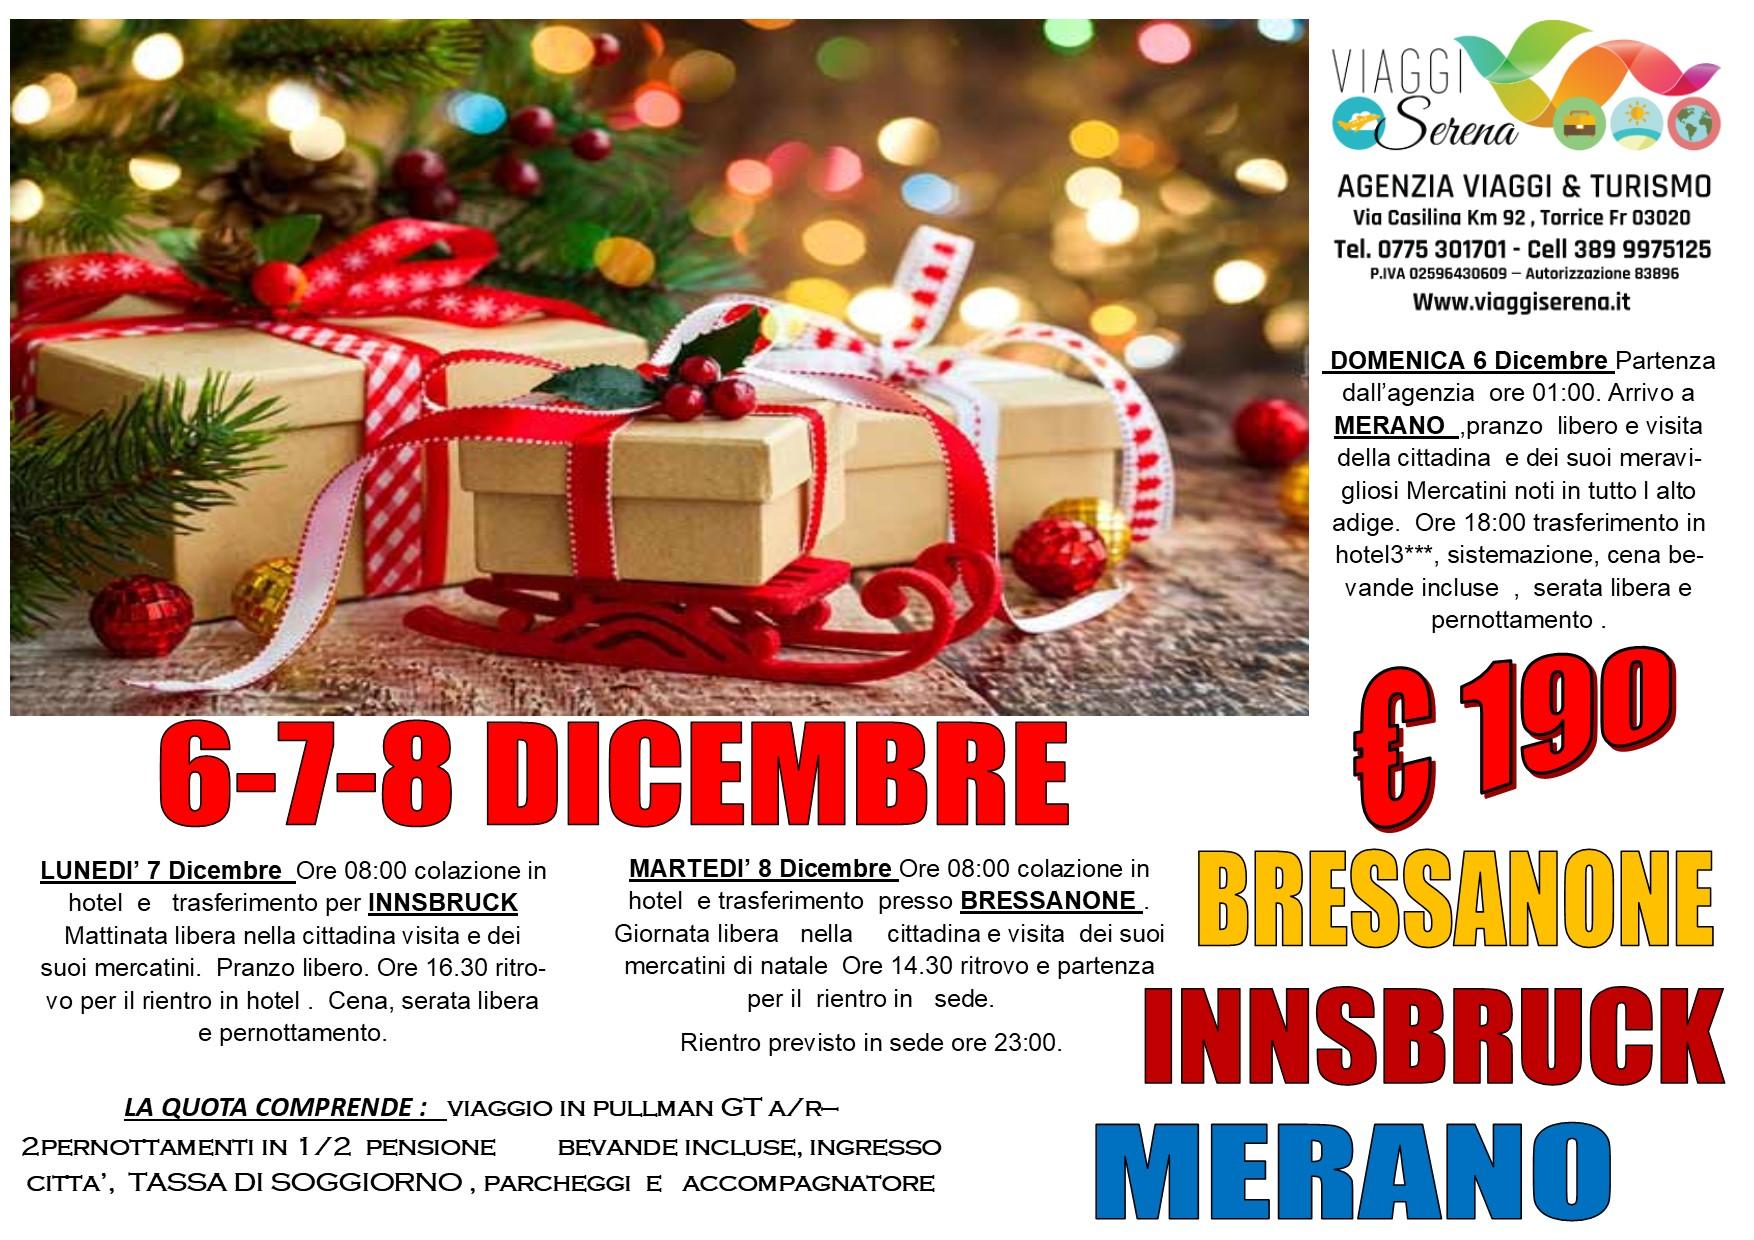 Viaggi di Natale:  Bressanone, Innsbruck & Merano 6-7-8 Dicembre  € 190,00